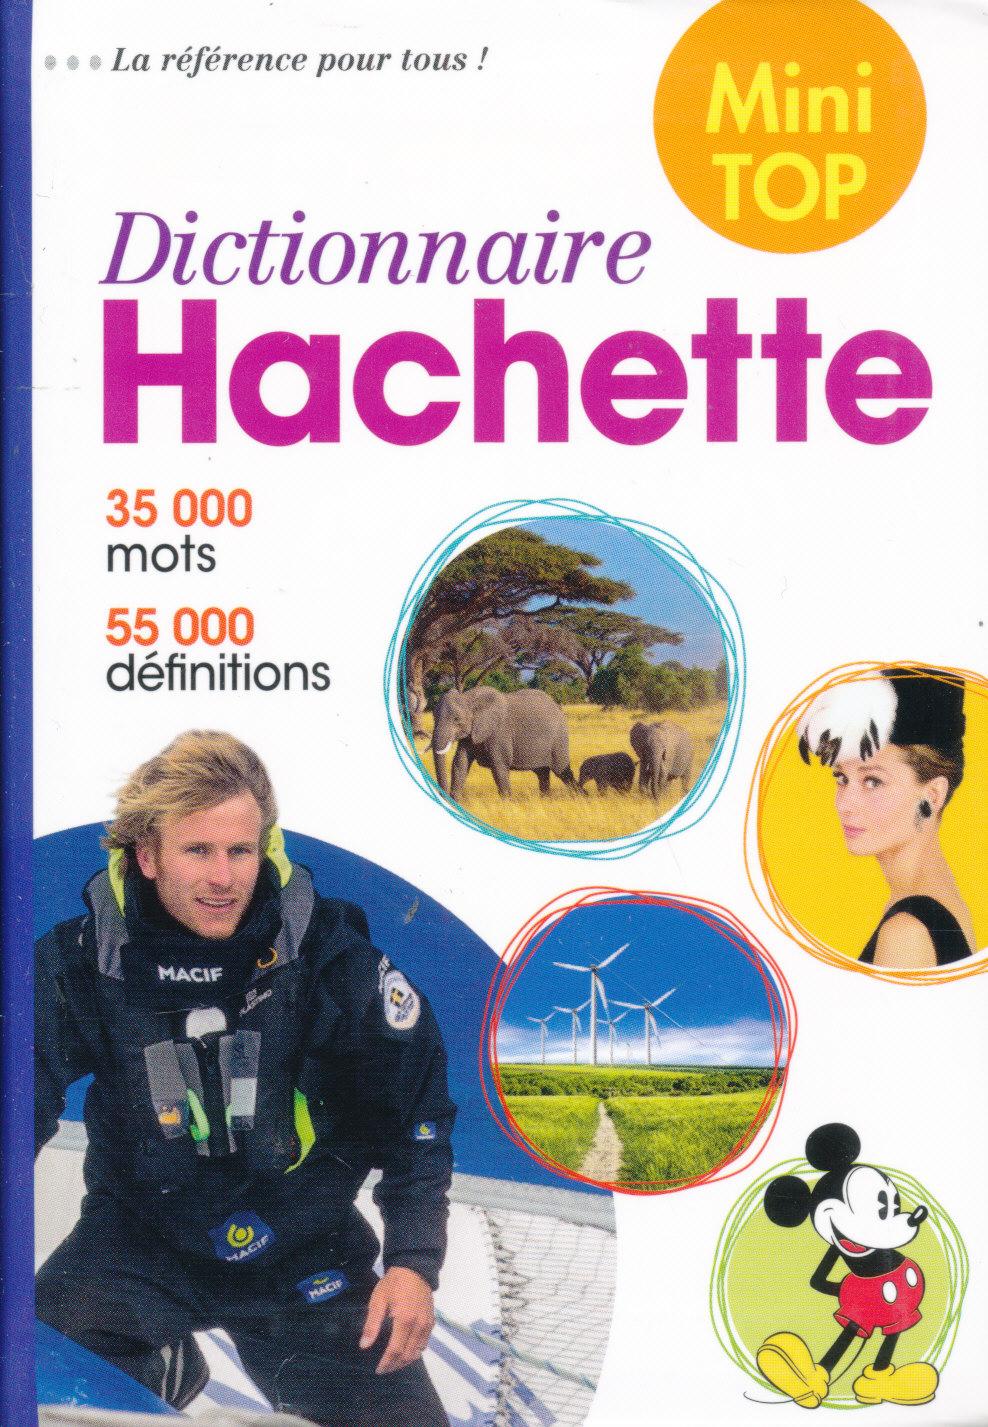 Dictionnaire Hachette Mini Top 2019